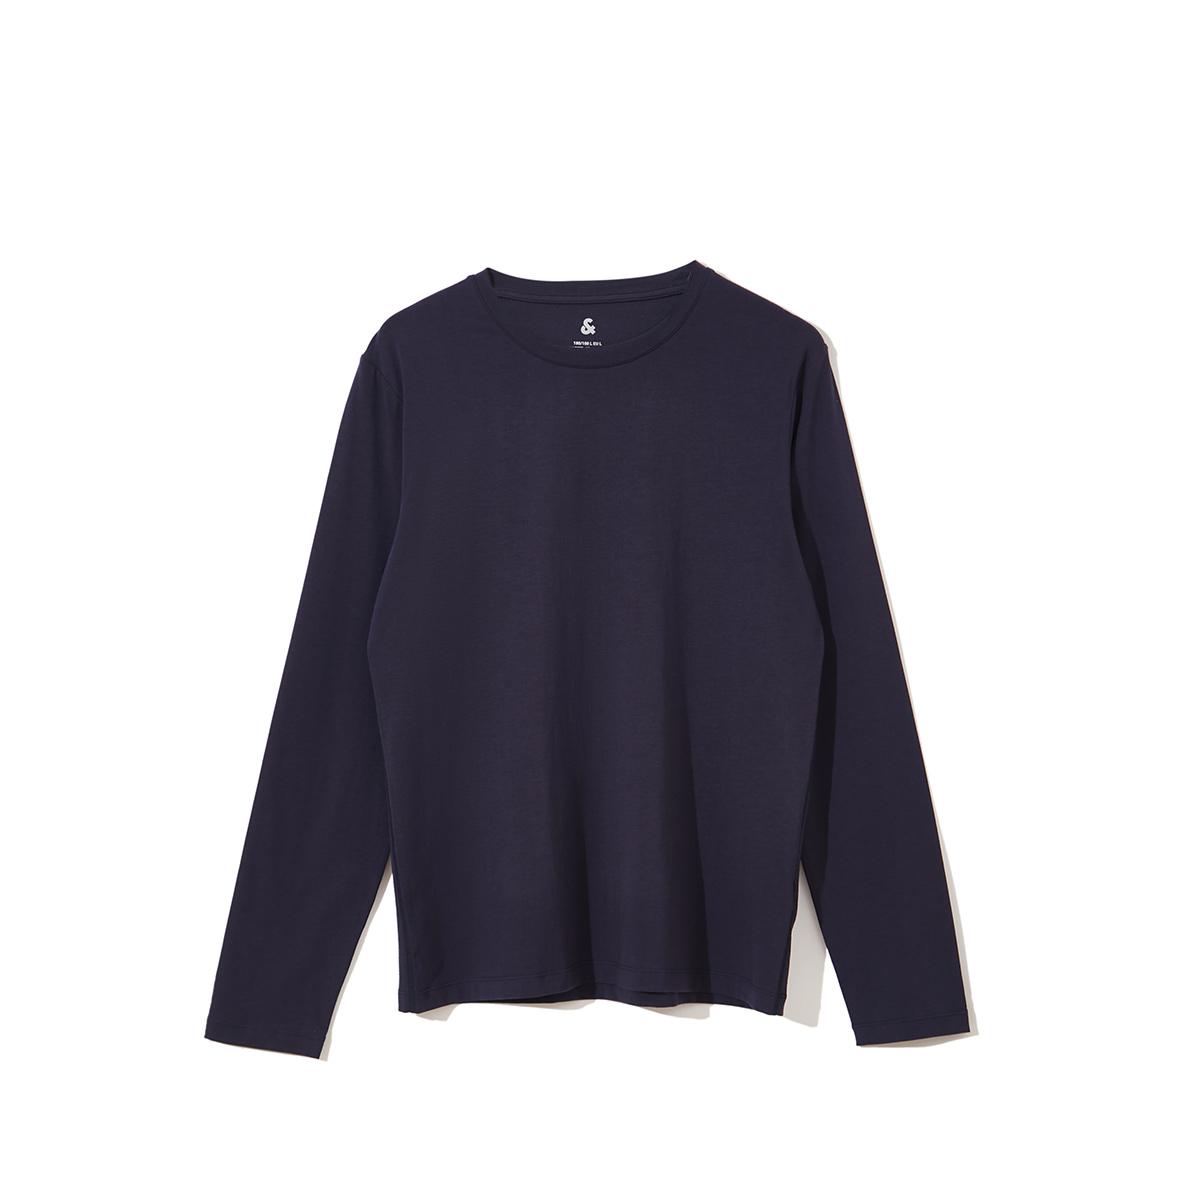 【预售】杰克琼斯21新品 纯色薄款发热保暖内衣衣打底家居服男女